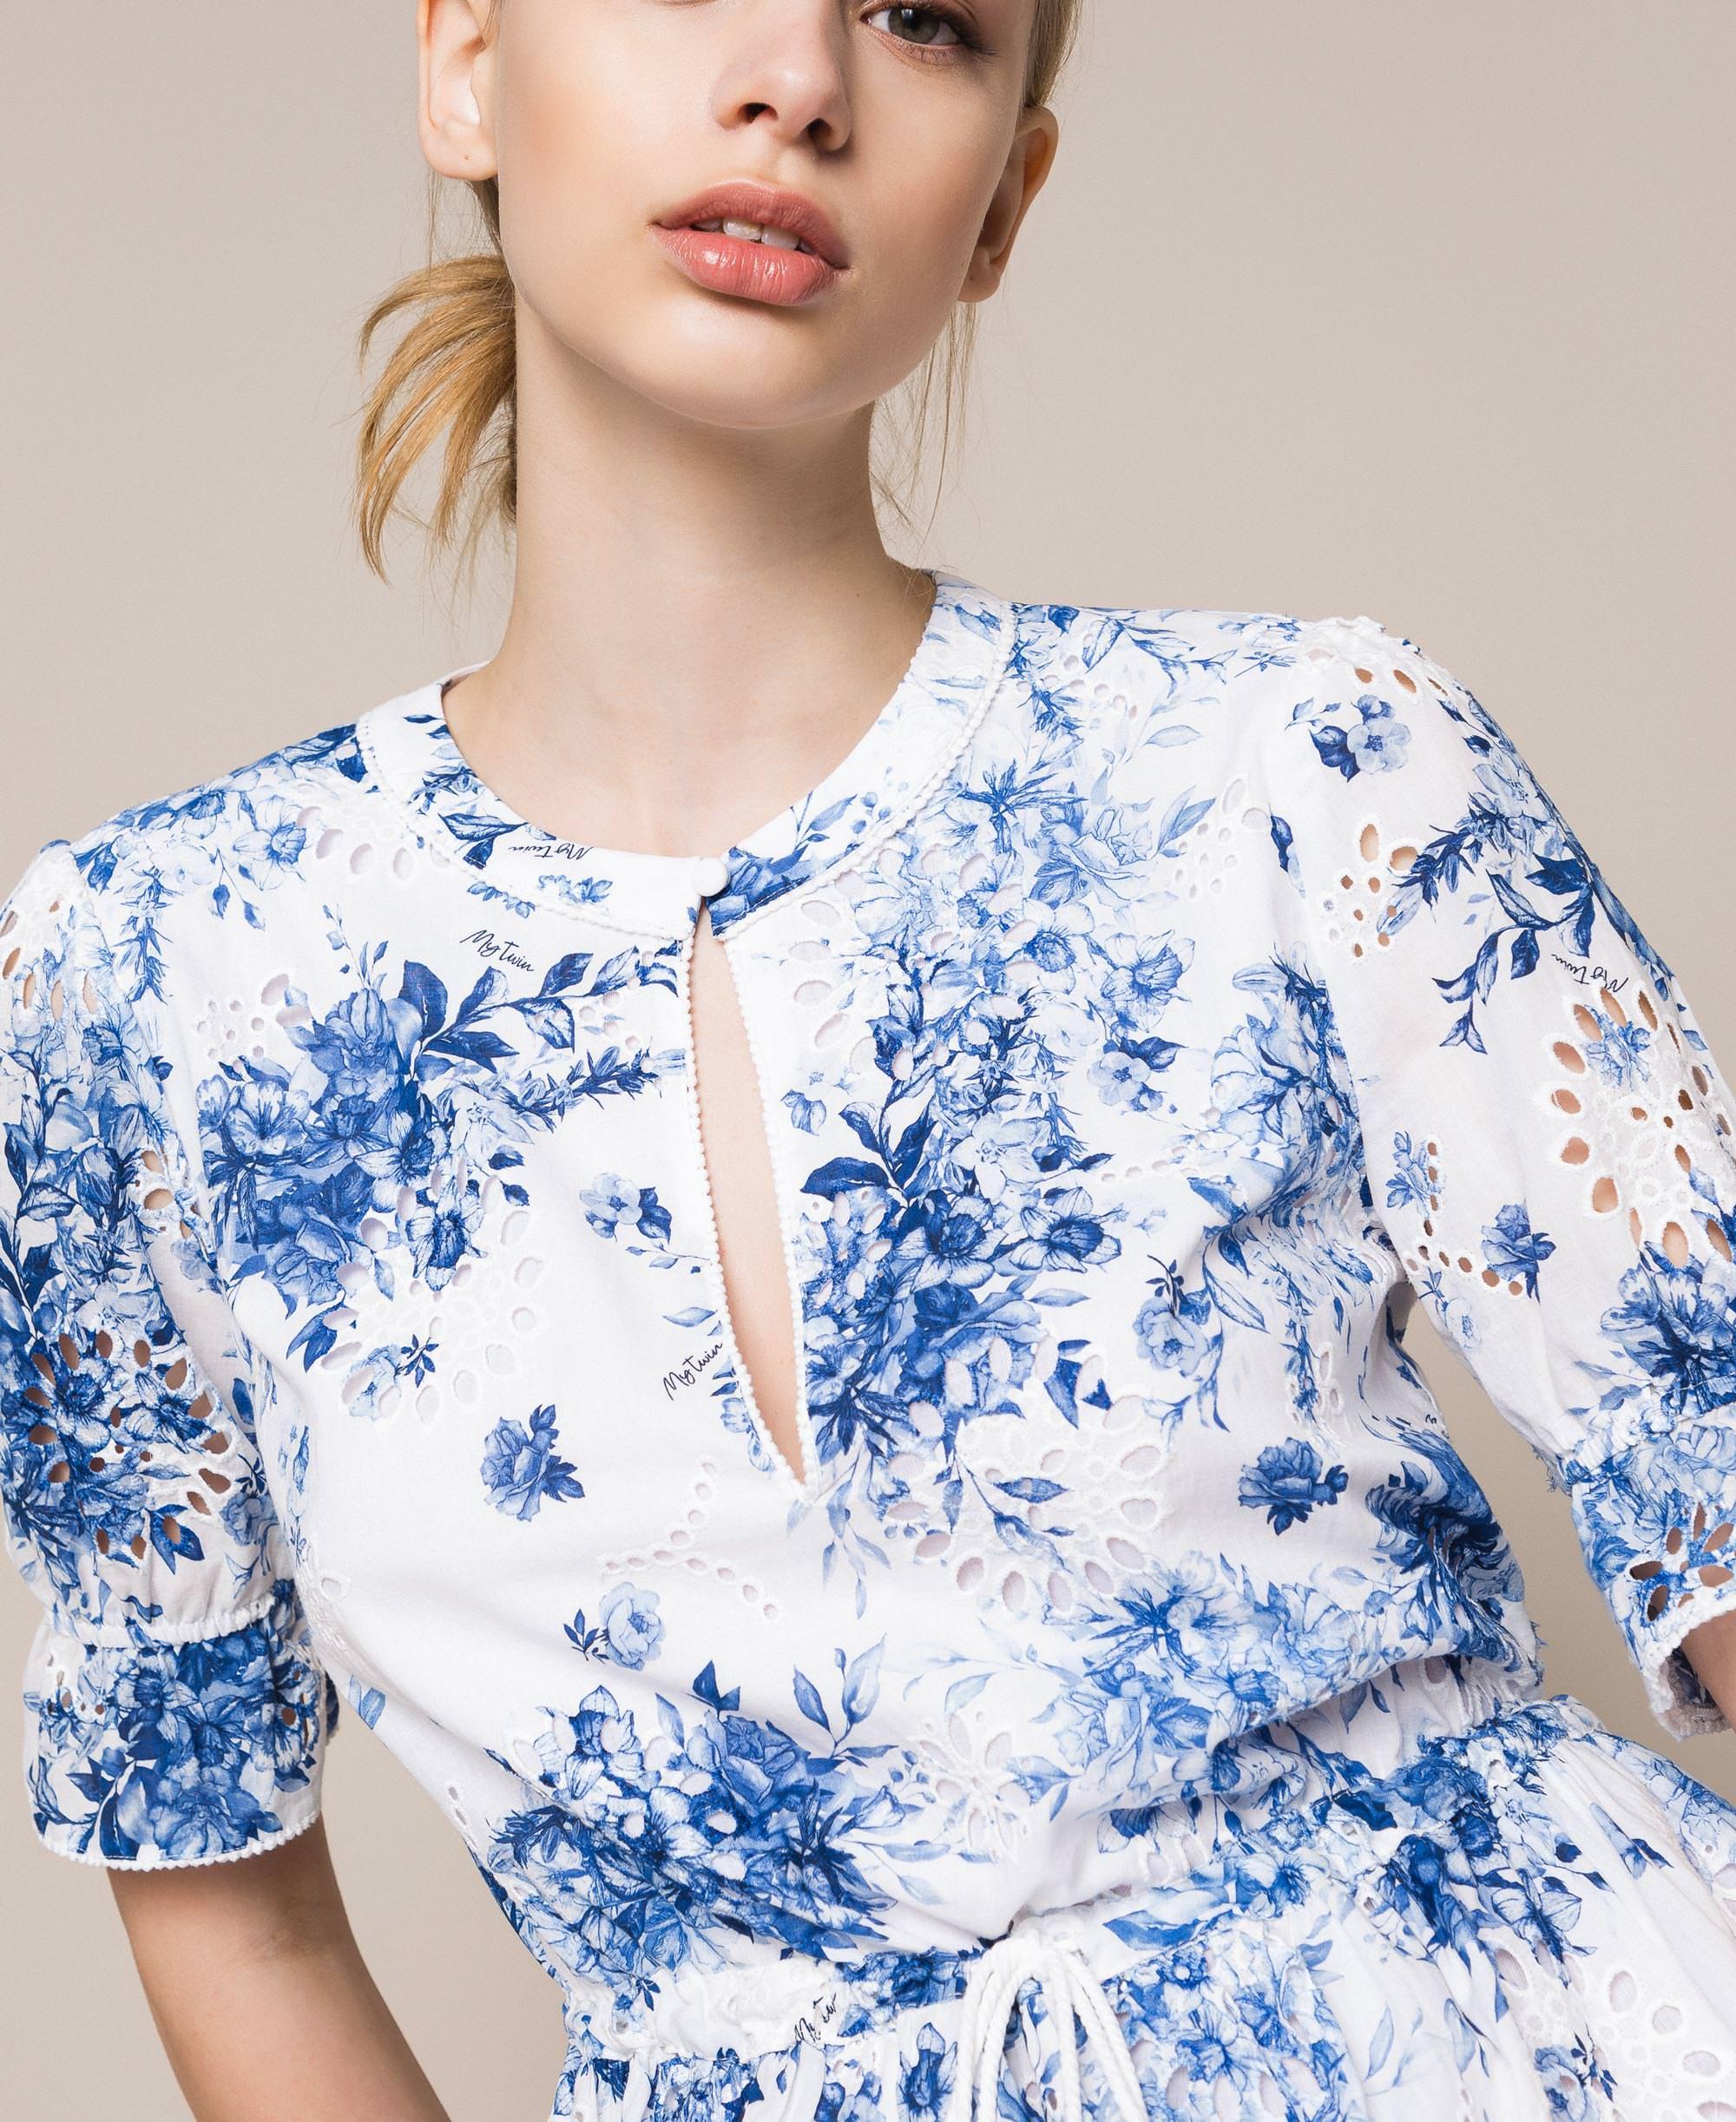 Luxus Kleid mit Lochstickerei und Print Frau, Blau  TWINSET Milano Ideen